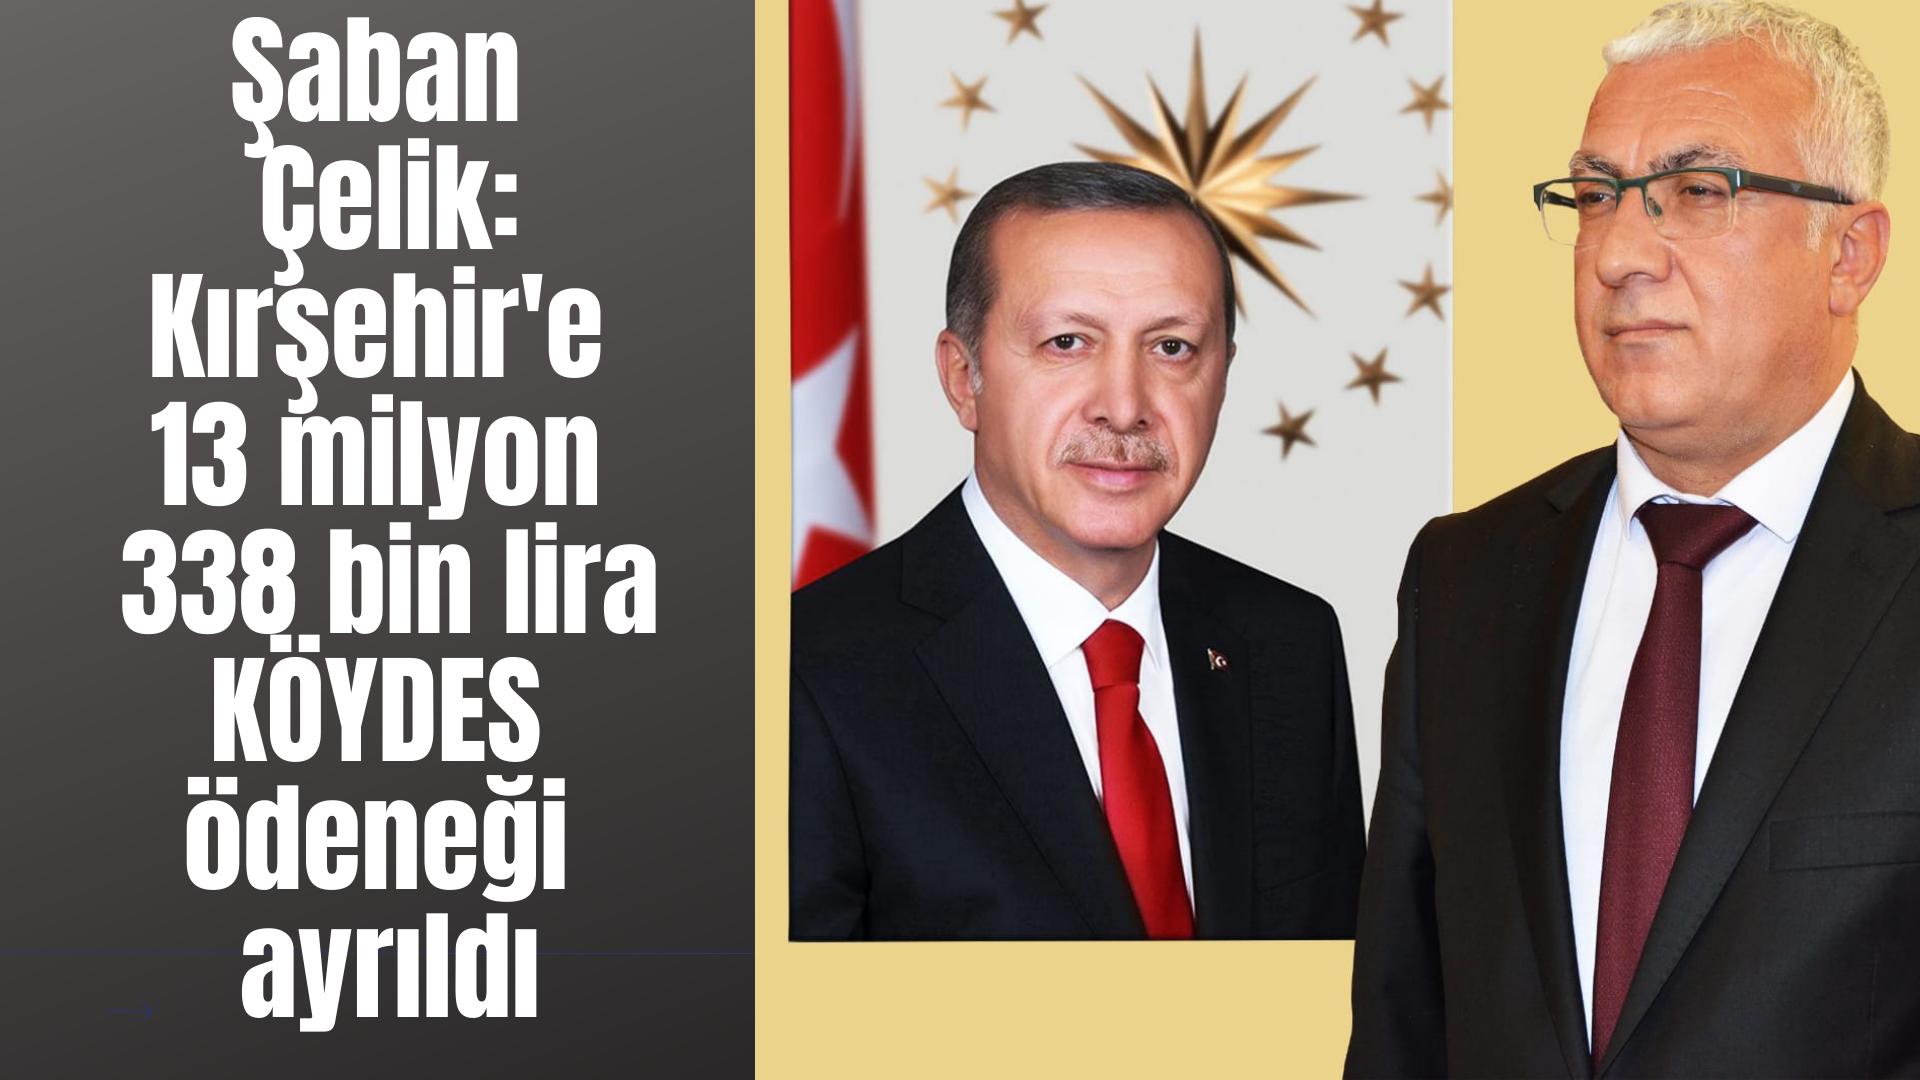 Kırşehir'e 13 milyon 338 bin lira KÖYDES ödeneği ayrıldı